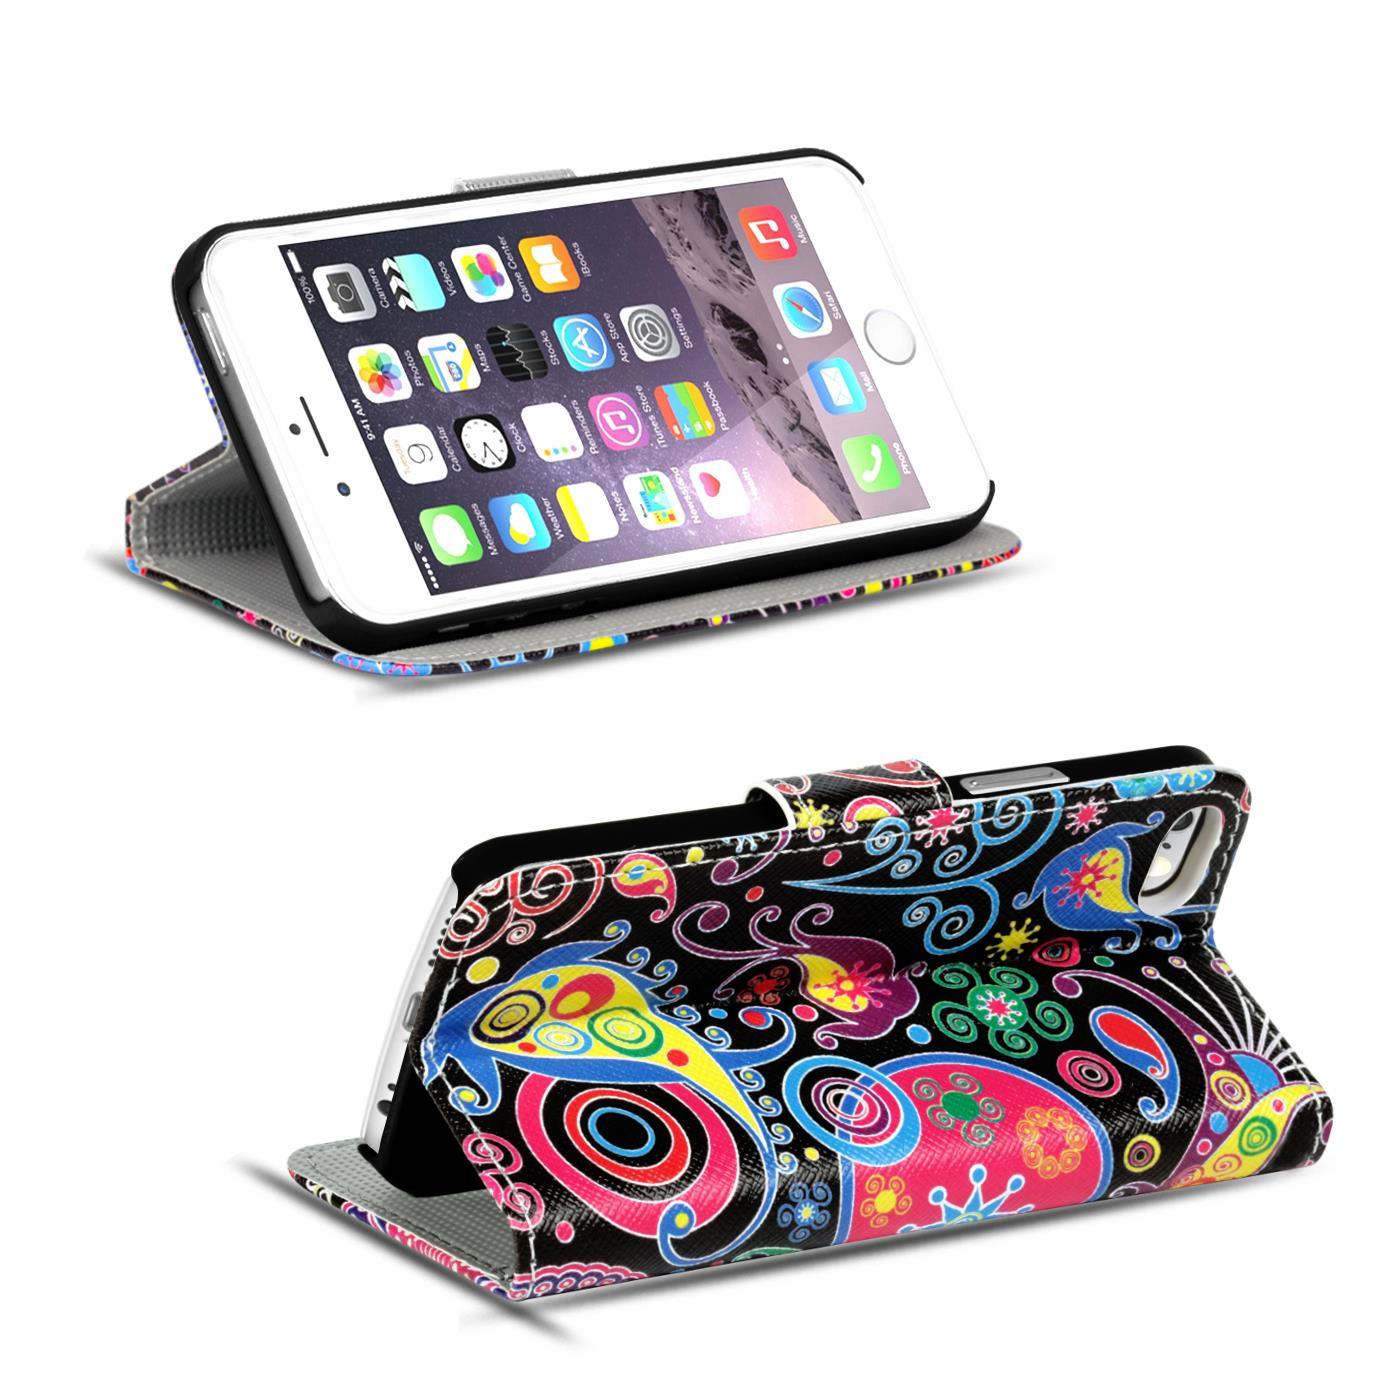 Handy-Huelle-Apple-iPhone-8-Plus-Flip-Cover-Case-Schutz-Tasche-Etui-Motiv-Wallet Indexbild 15